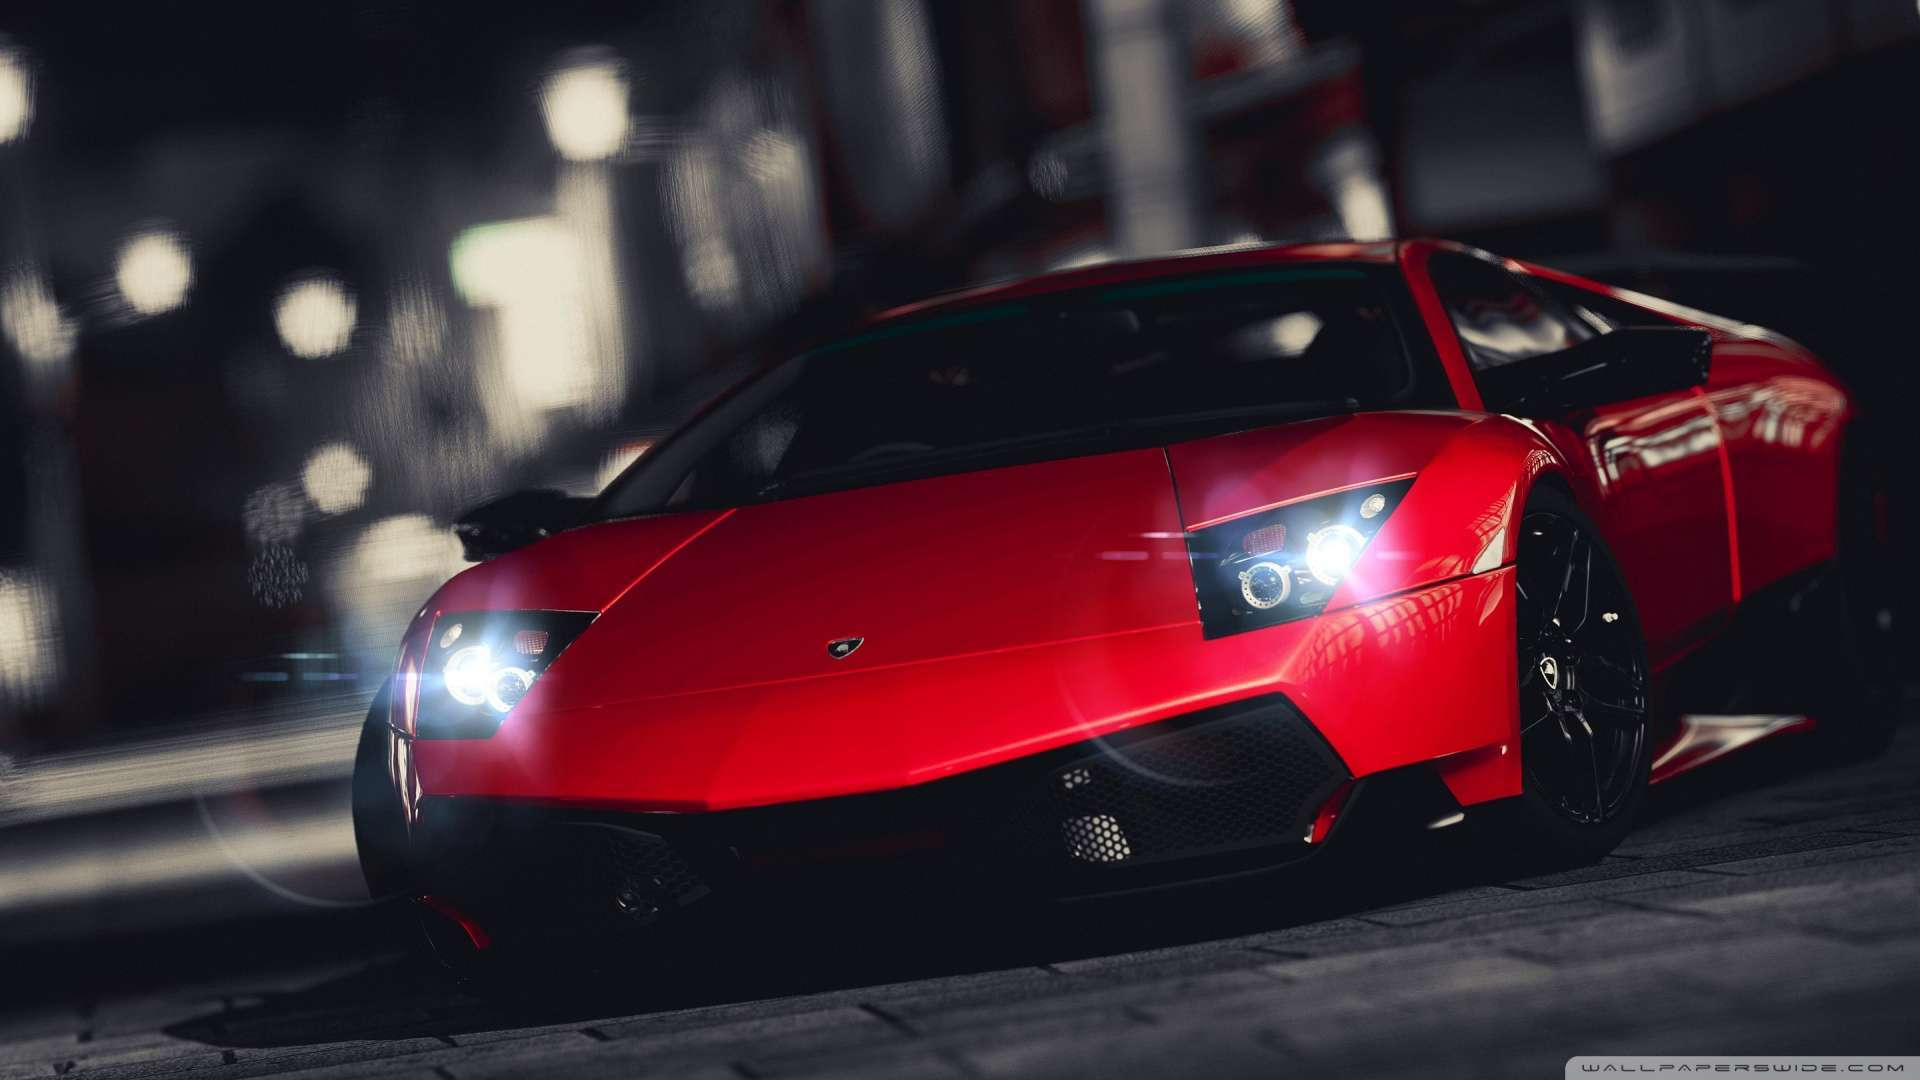 Lamborghini Wallpapers Hd 1080p Wallpaper Cave